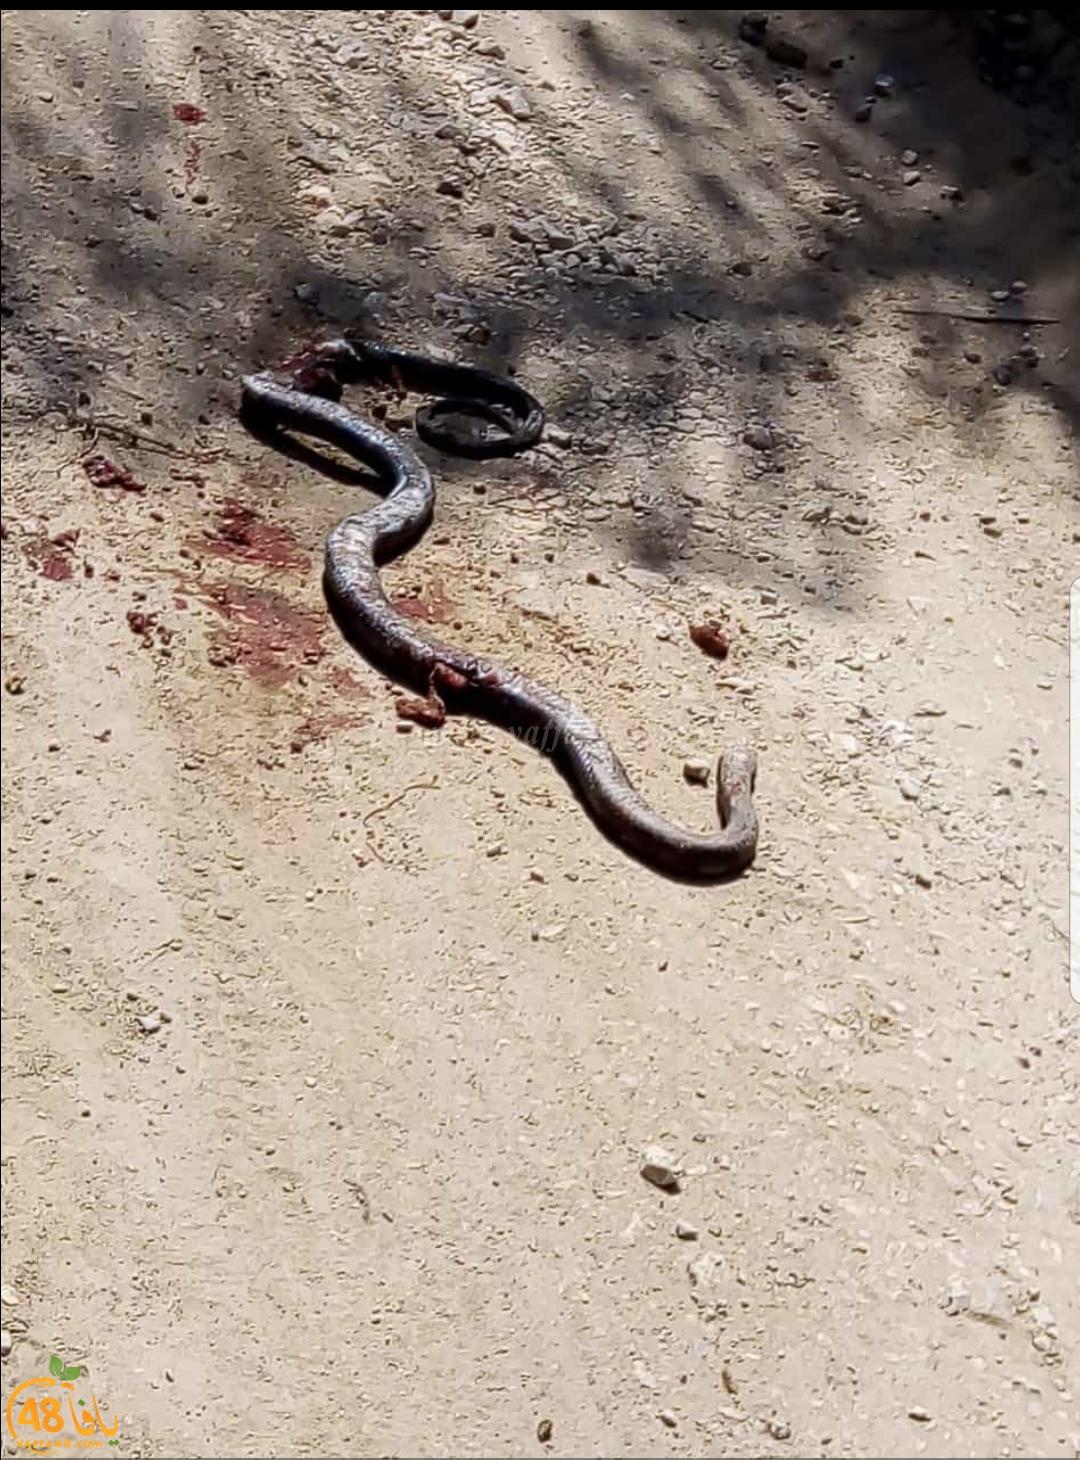 صور: العثور على ثعبان طوله تجاوز المتر ونصف في حي شنير باللد